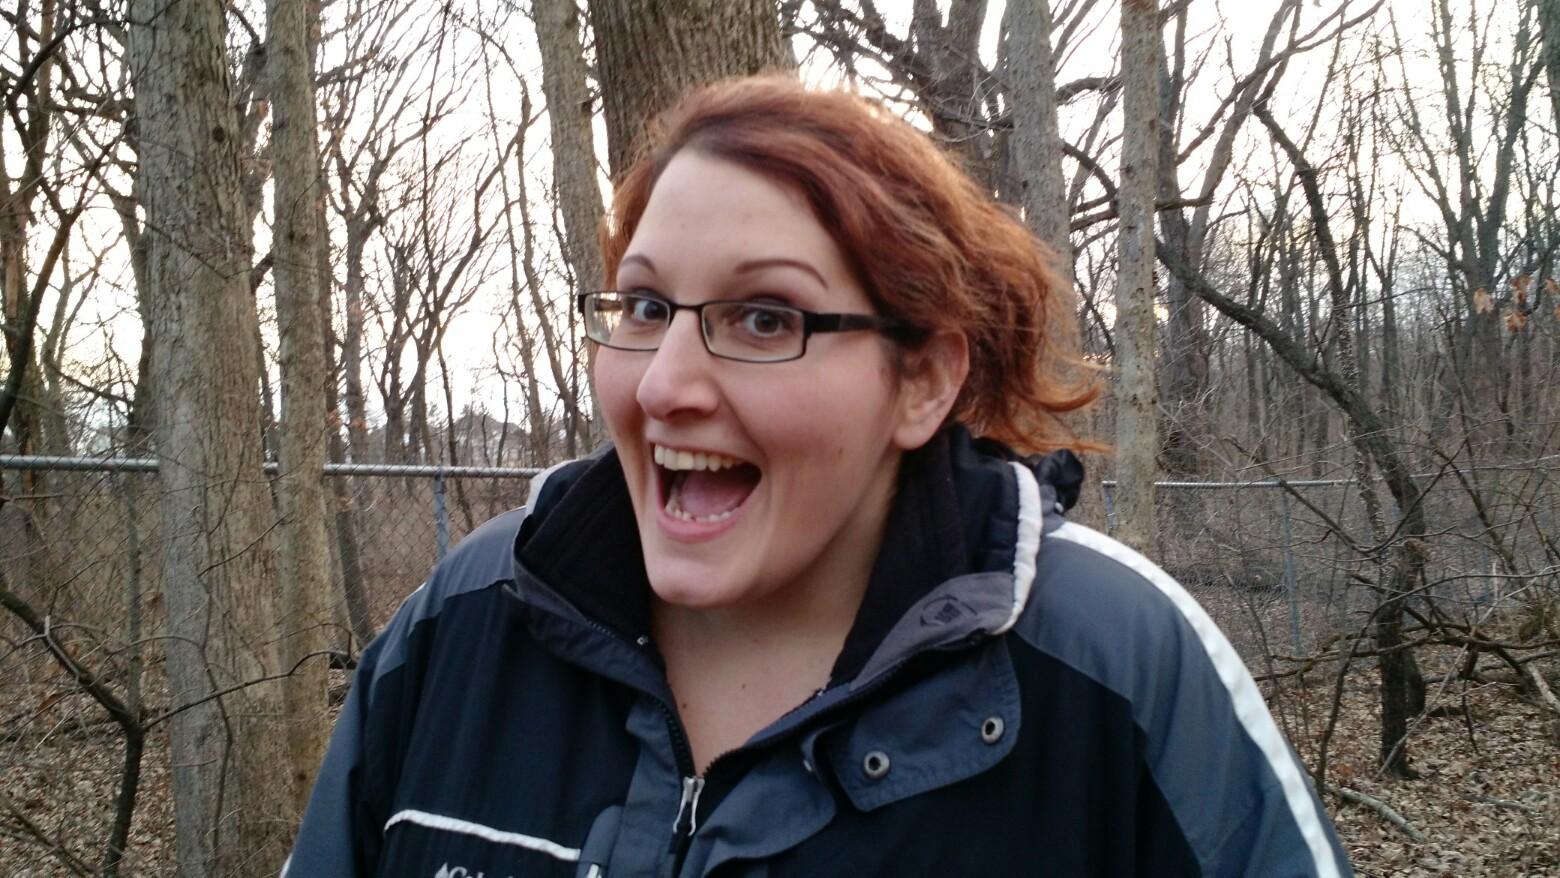 Jen hiking.JPG